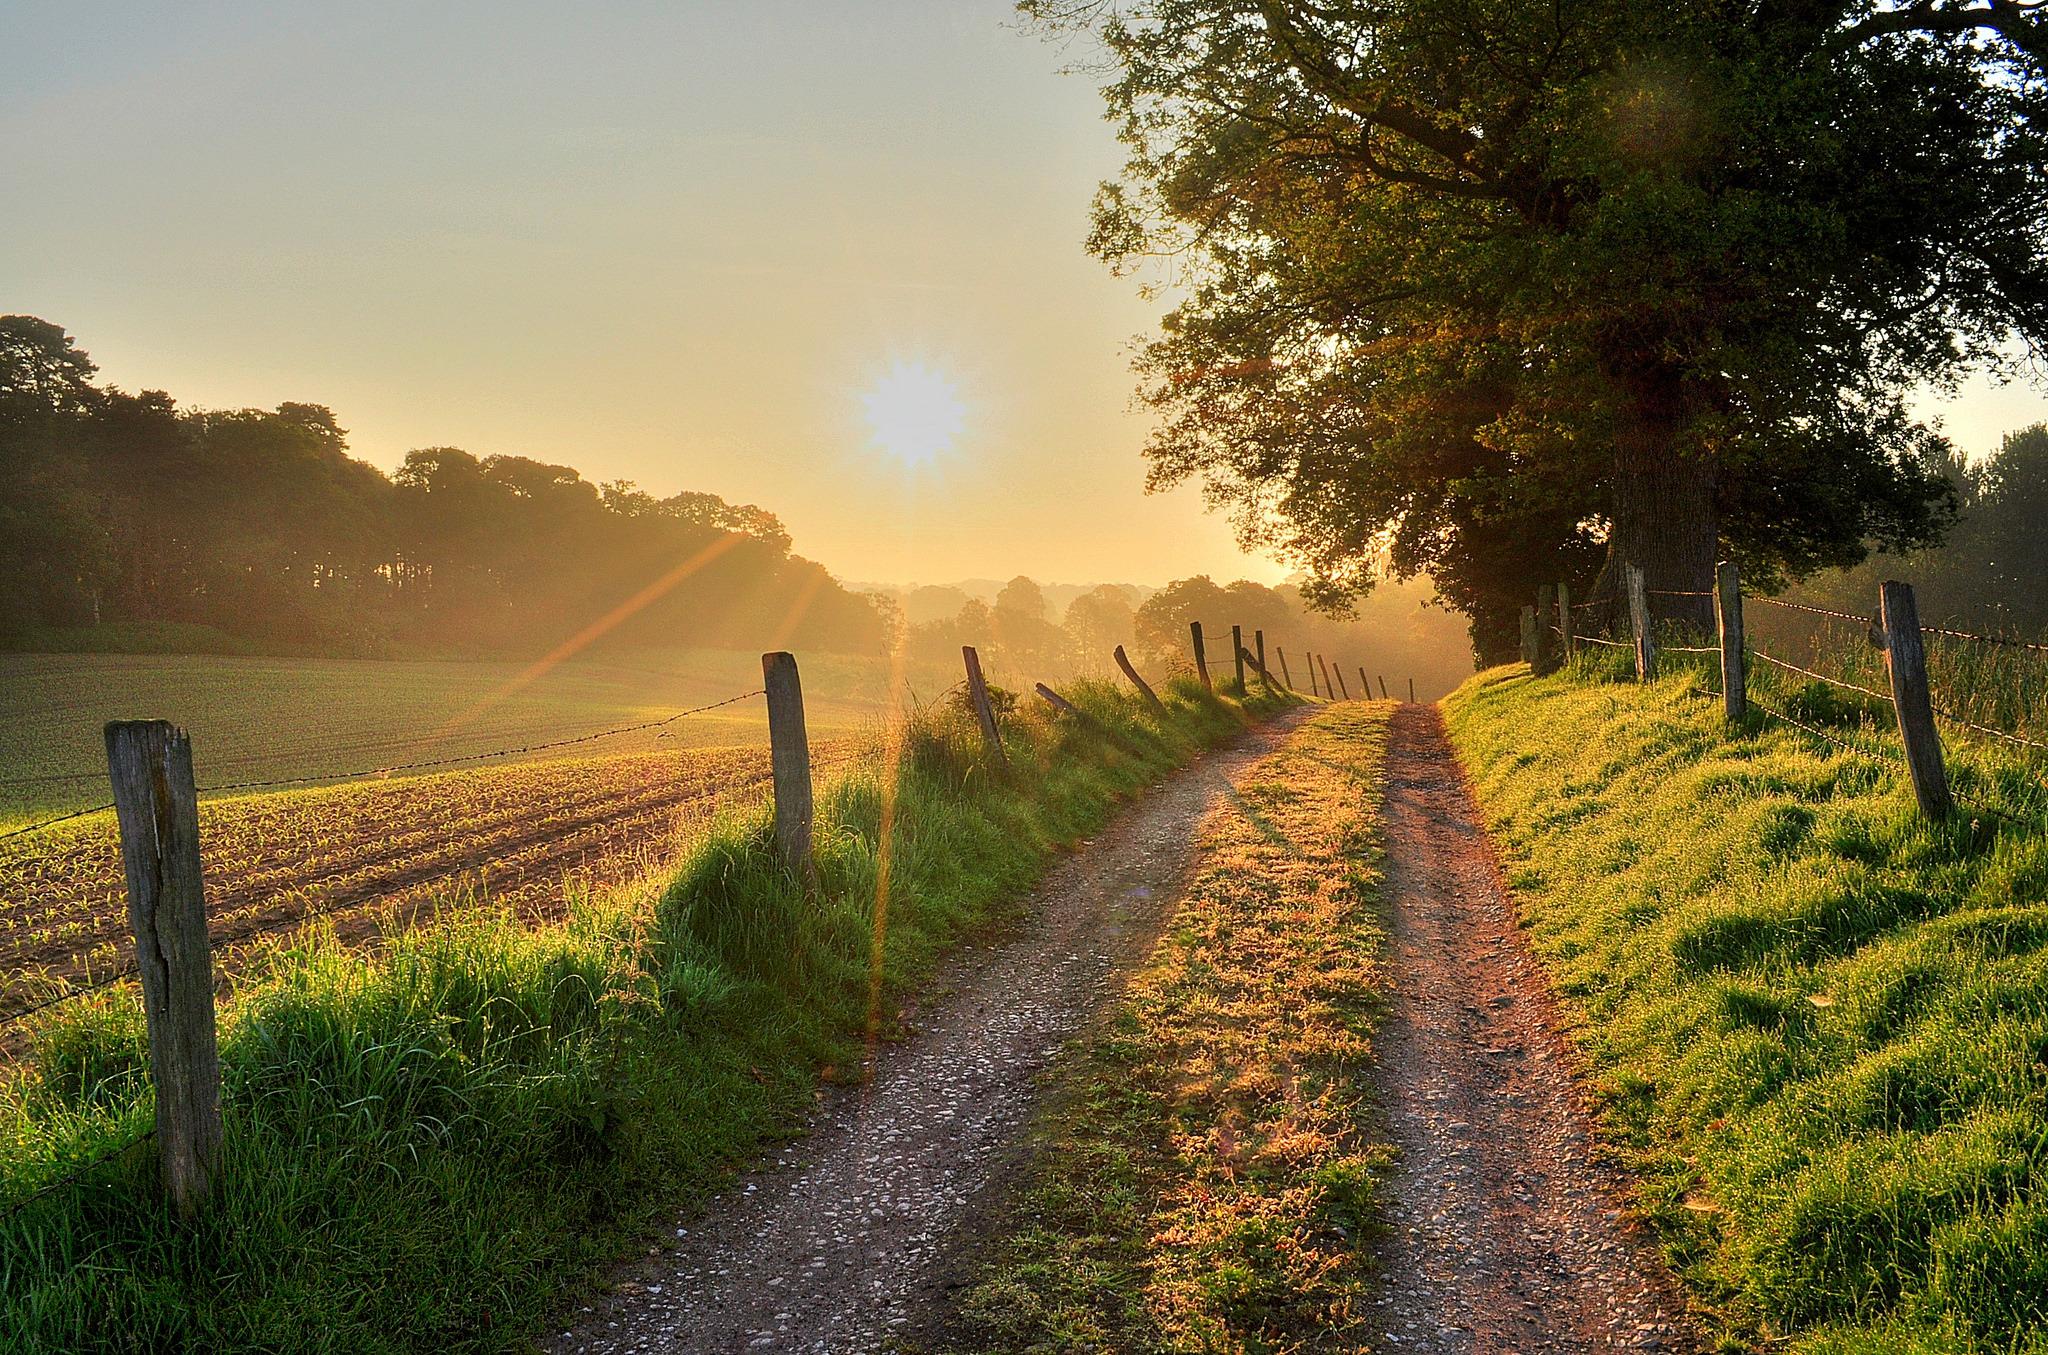 дорога, солнце, трава, деревья  № 3117725 без смс